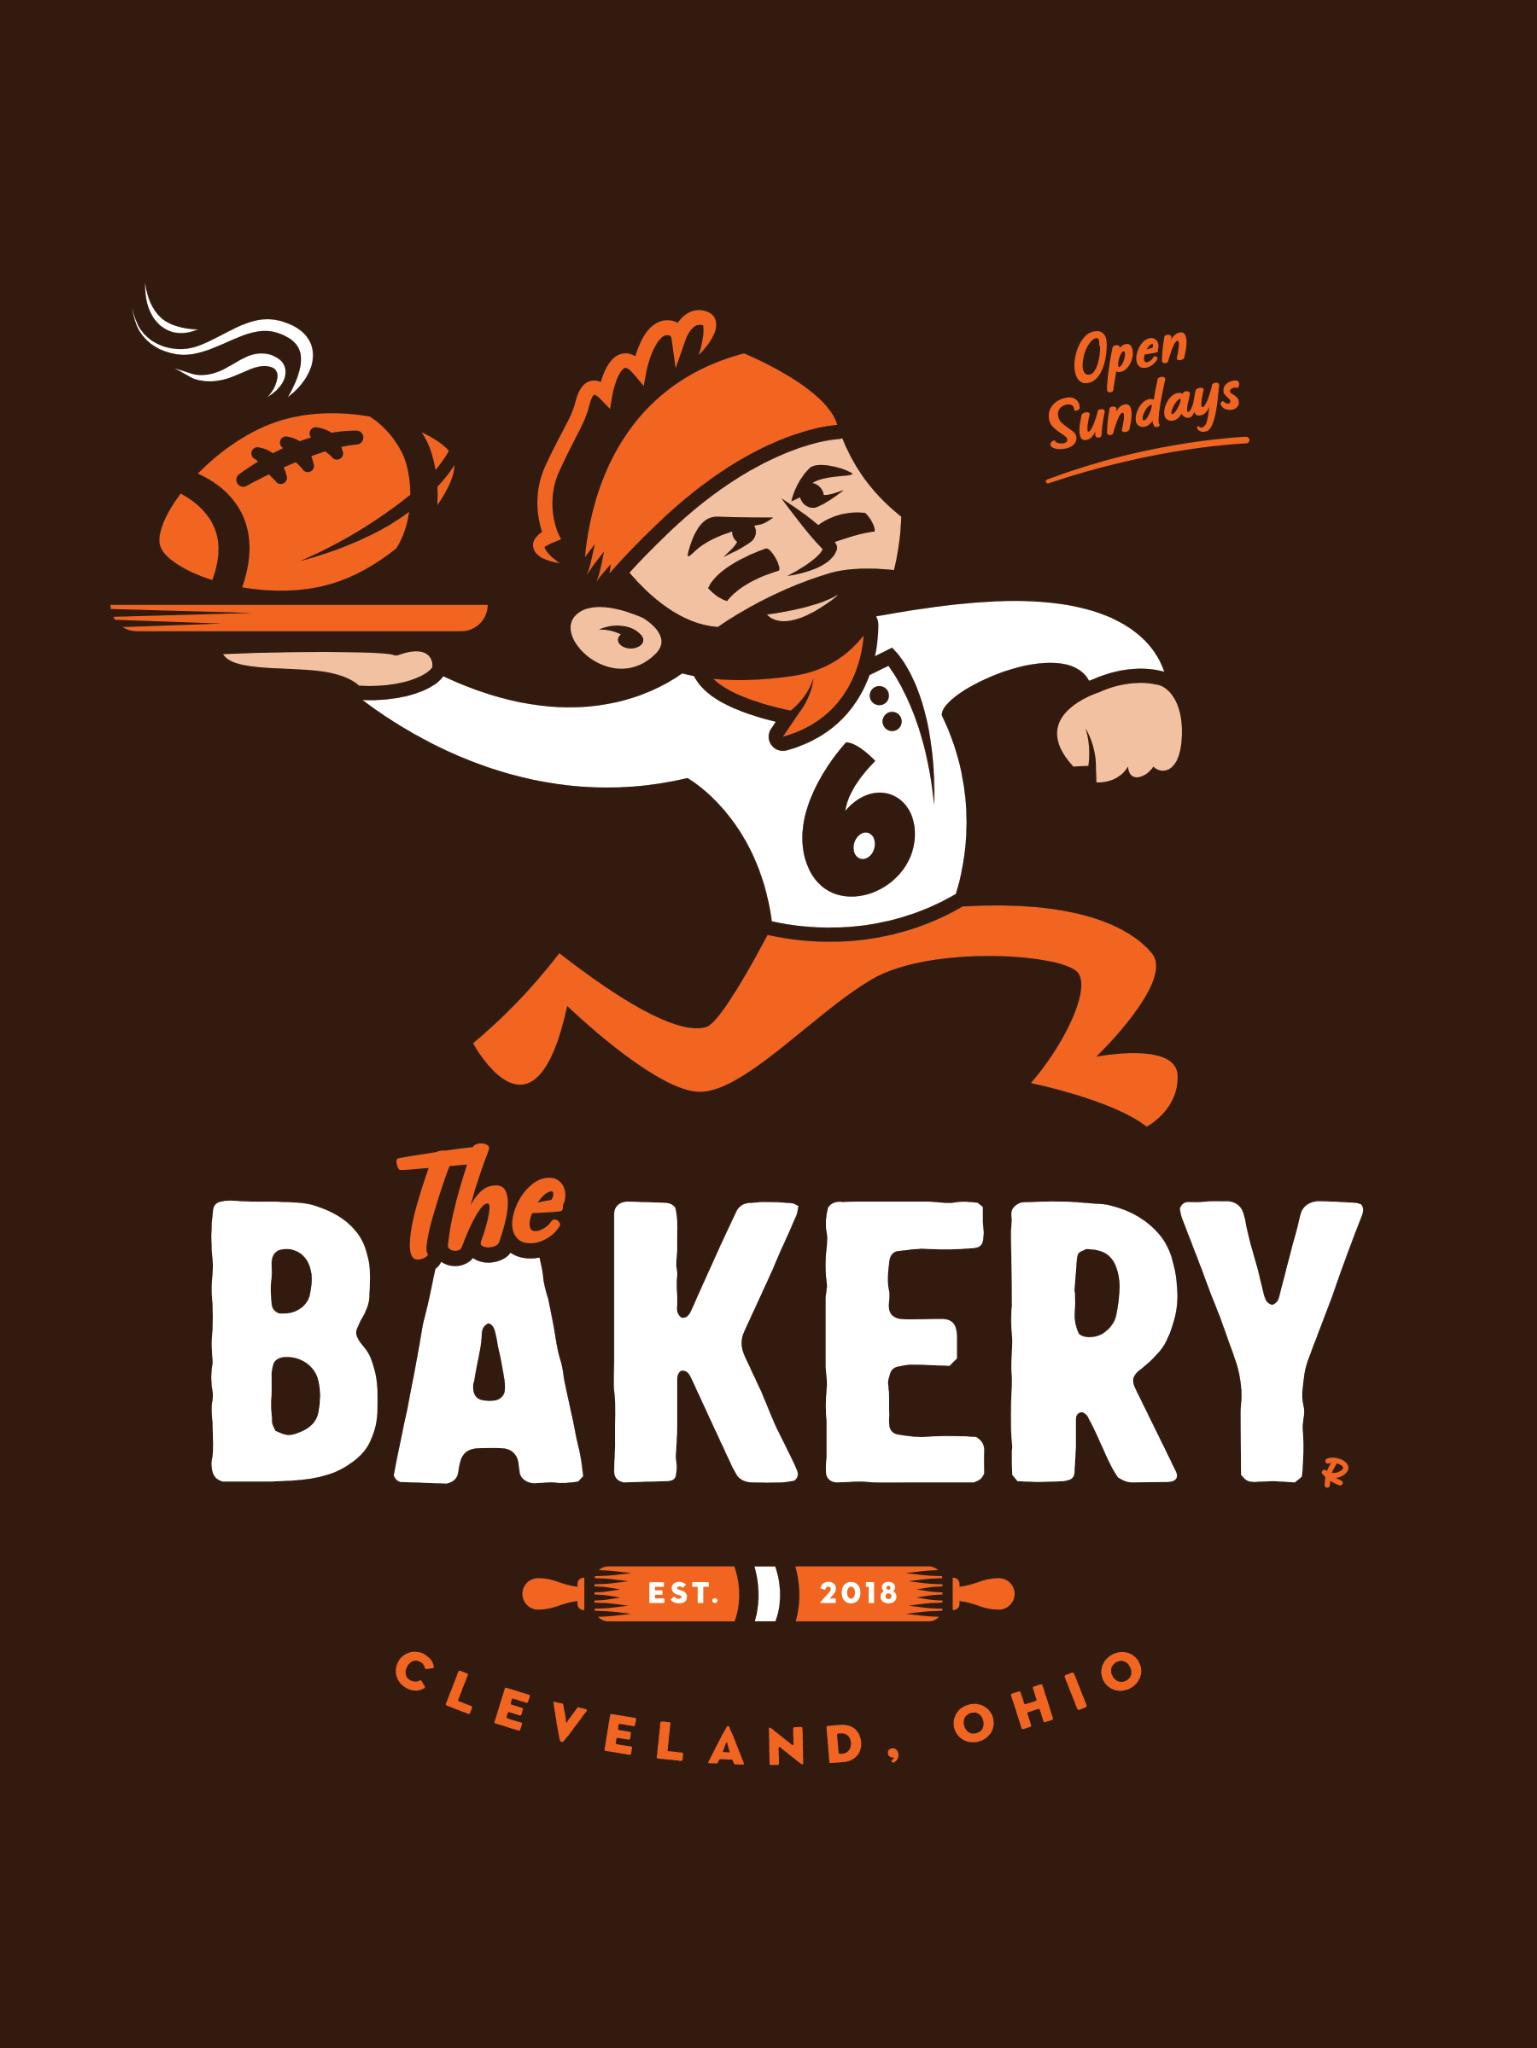 Baker Mayfield Artwork The Bakery Illustration Art Design Logo Cleveland Browns